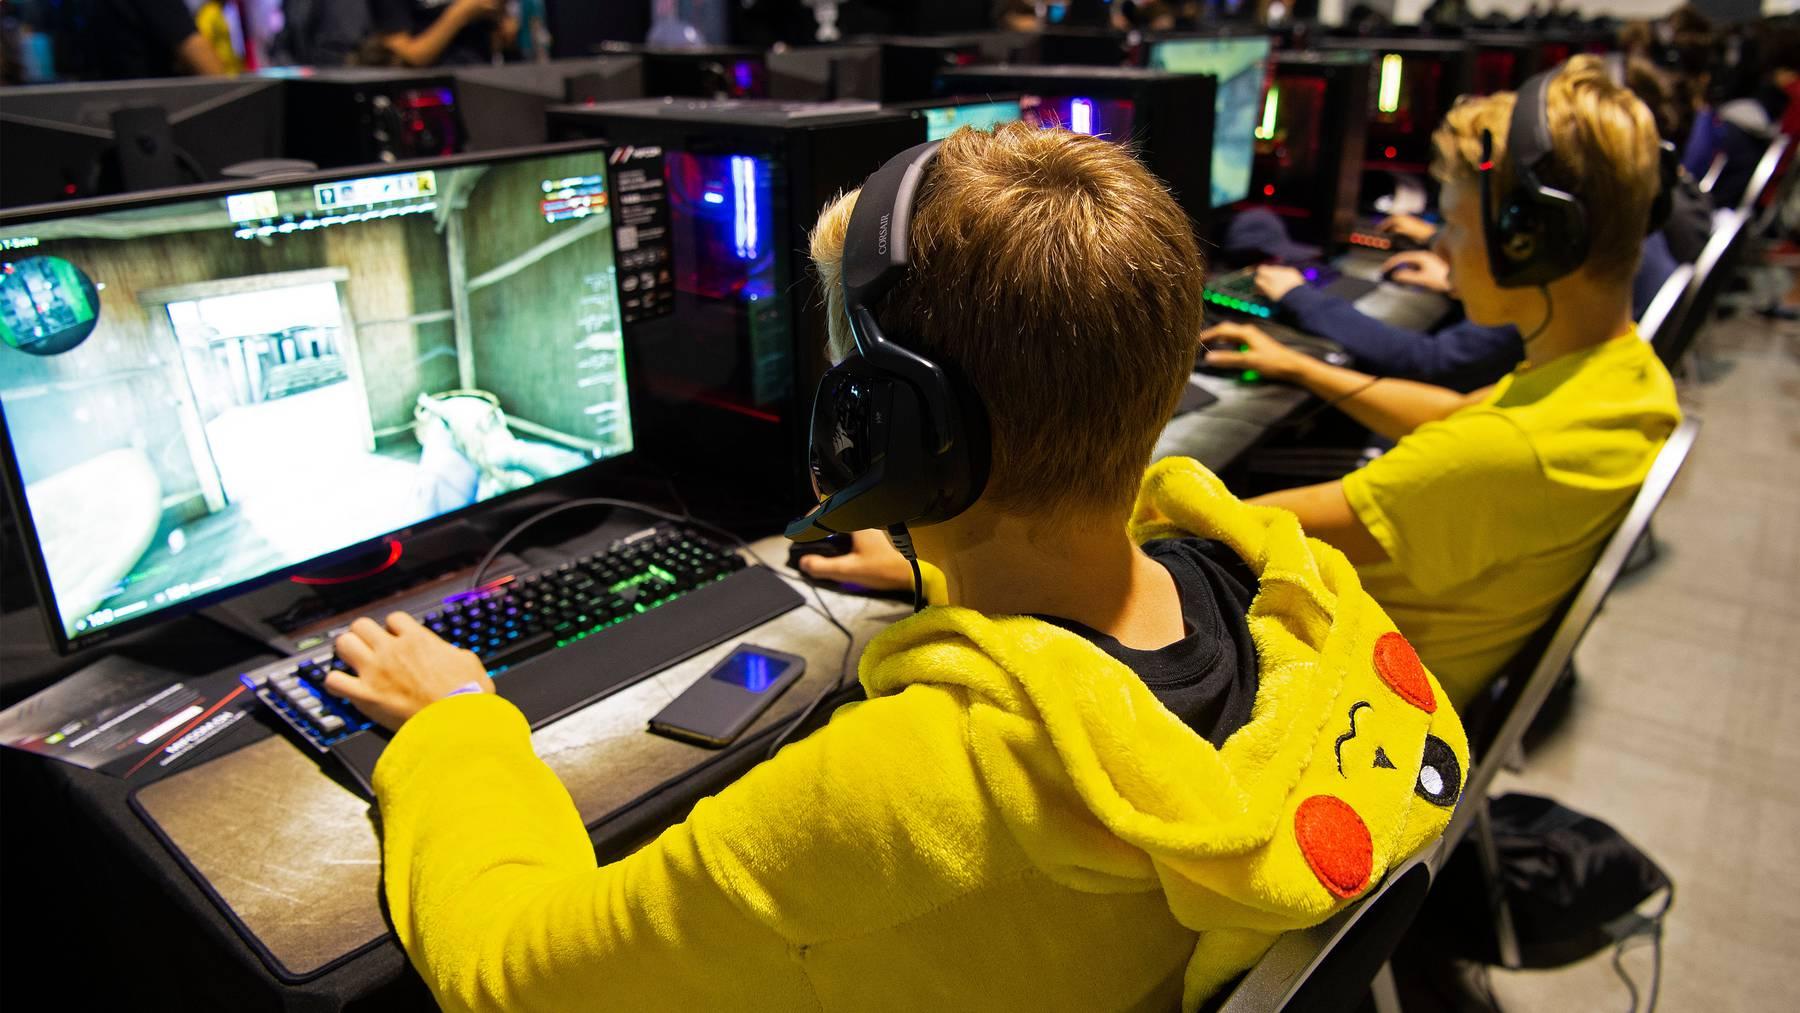 Das neue Gesetz soll die Alterskennzeichnungen bei Videospielen schweizweit vereinheitlichen. (Symbolbild)